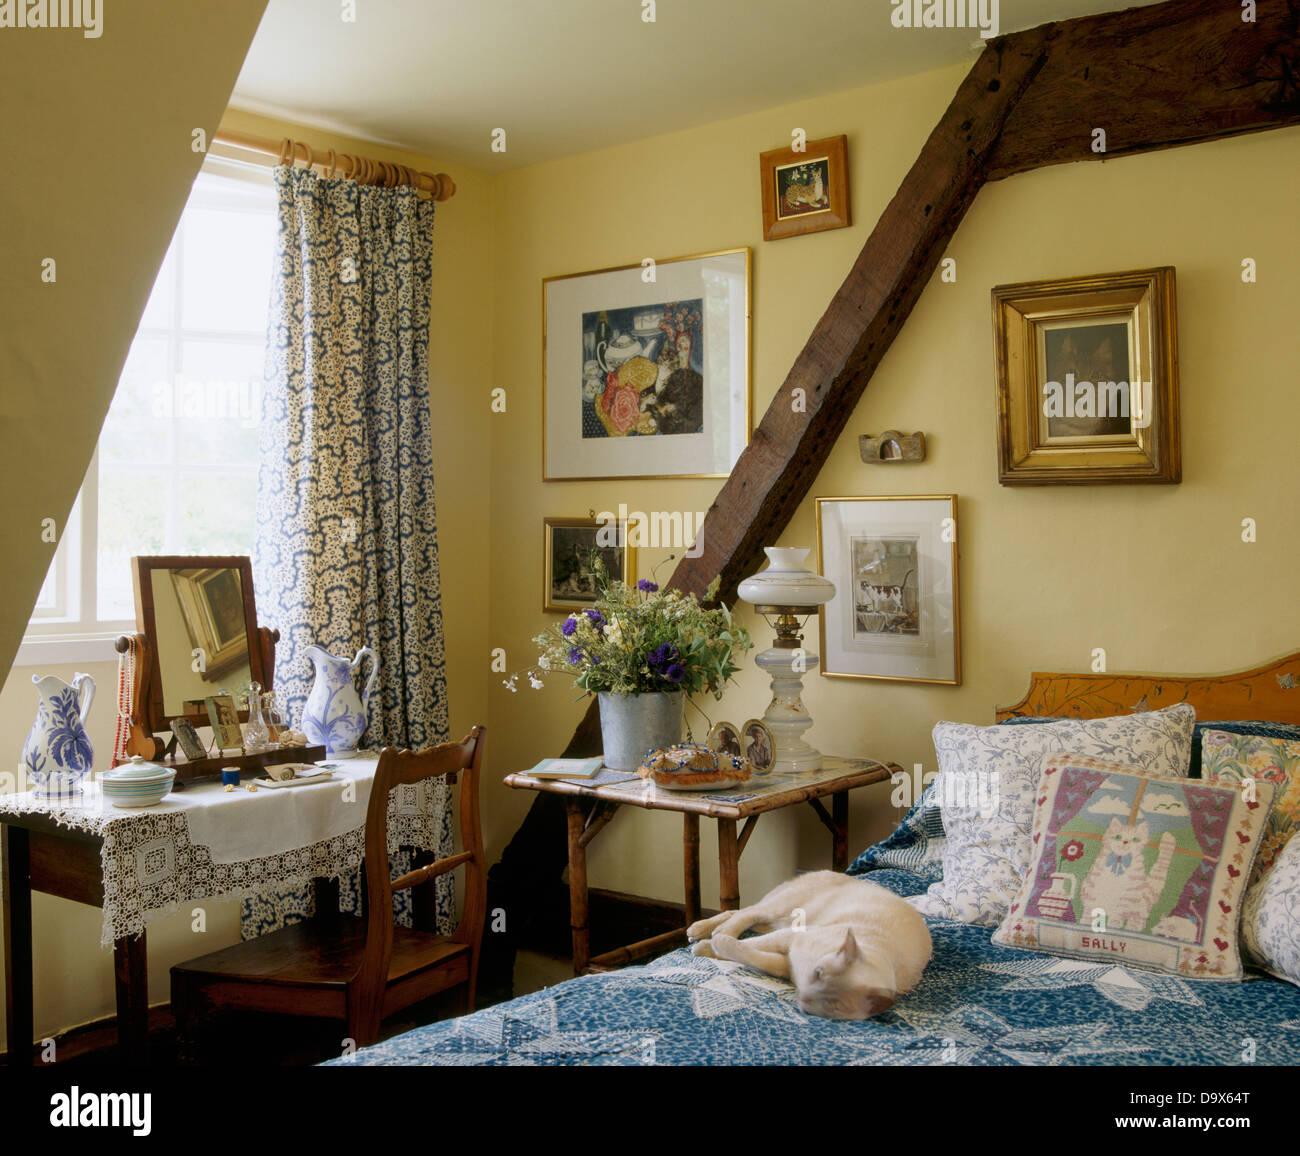 hund schl ft auf bett mit kissen und blaue abdeckung im ferienhaus schlafzimmer mit holzwand. Black Bedroom Furniture Sets. Home Design Ideas